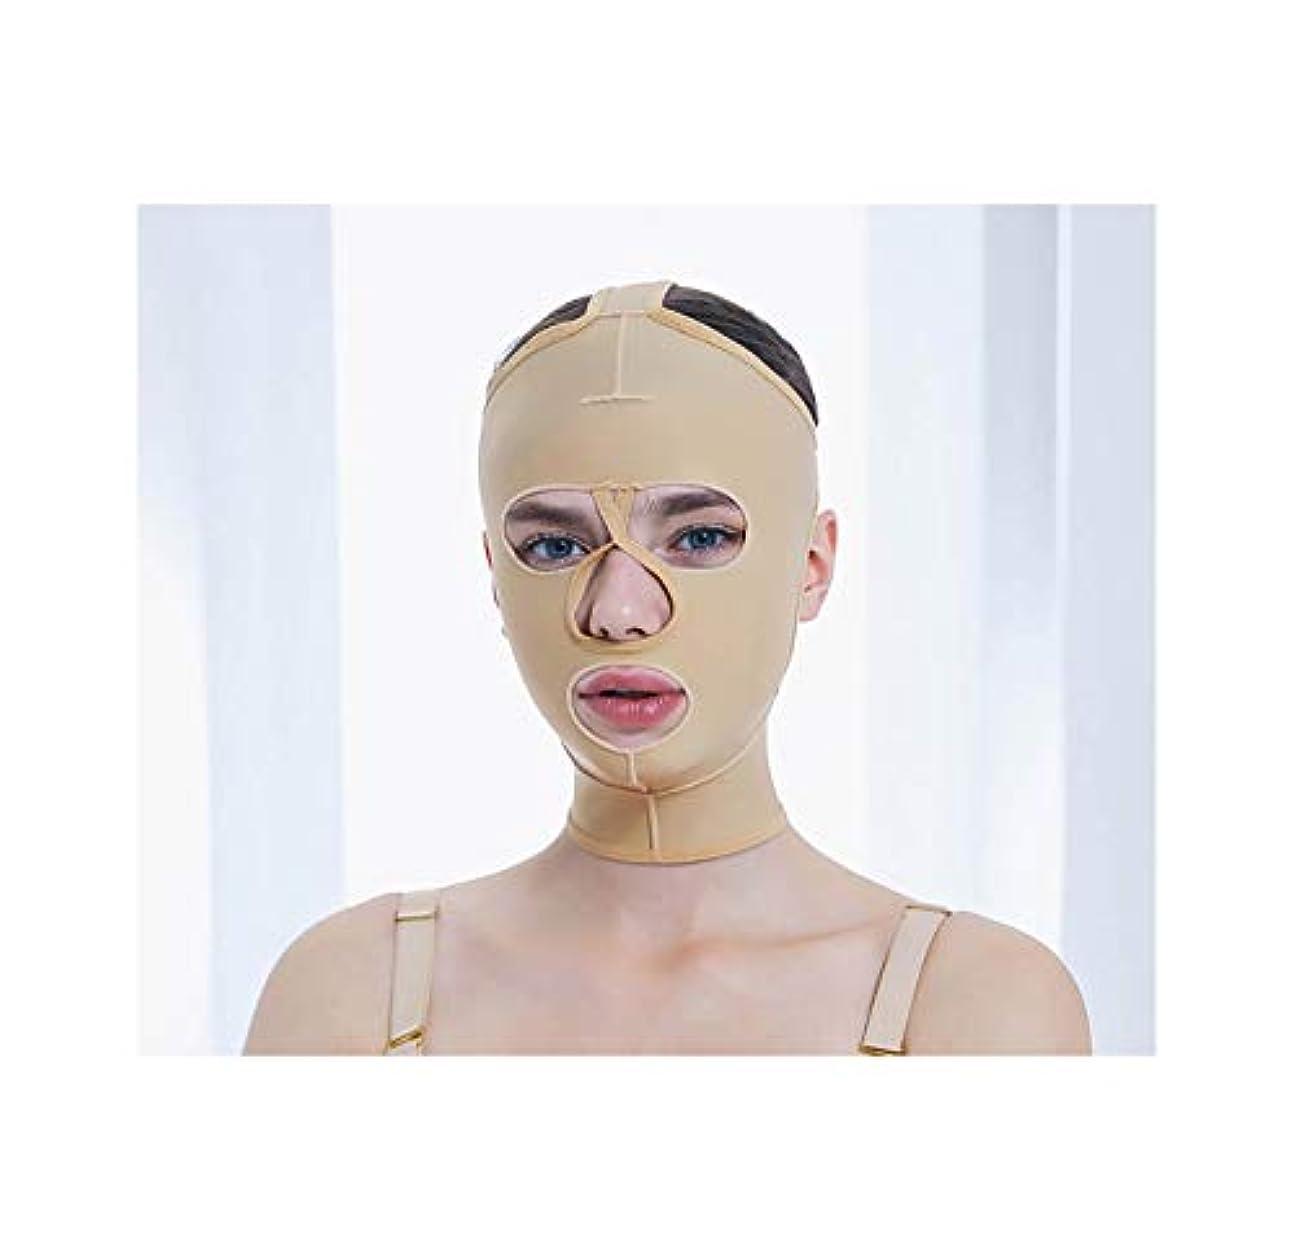 袋動力学カレンダーGLJJQMY 顔と首のリフト痩身マスク脂肪吸引術脂肪吸引整形マスクフードフェイシャルリフティングアーティファクトVフェイスビーム弾性スリーブ 顔用整形マスク (Size : XXL)